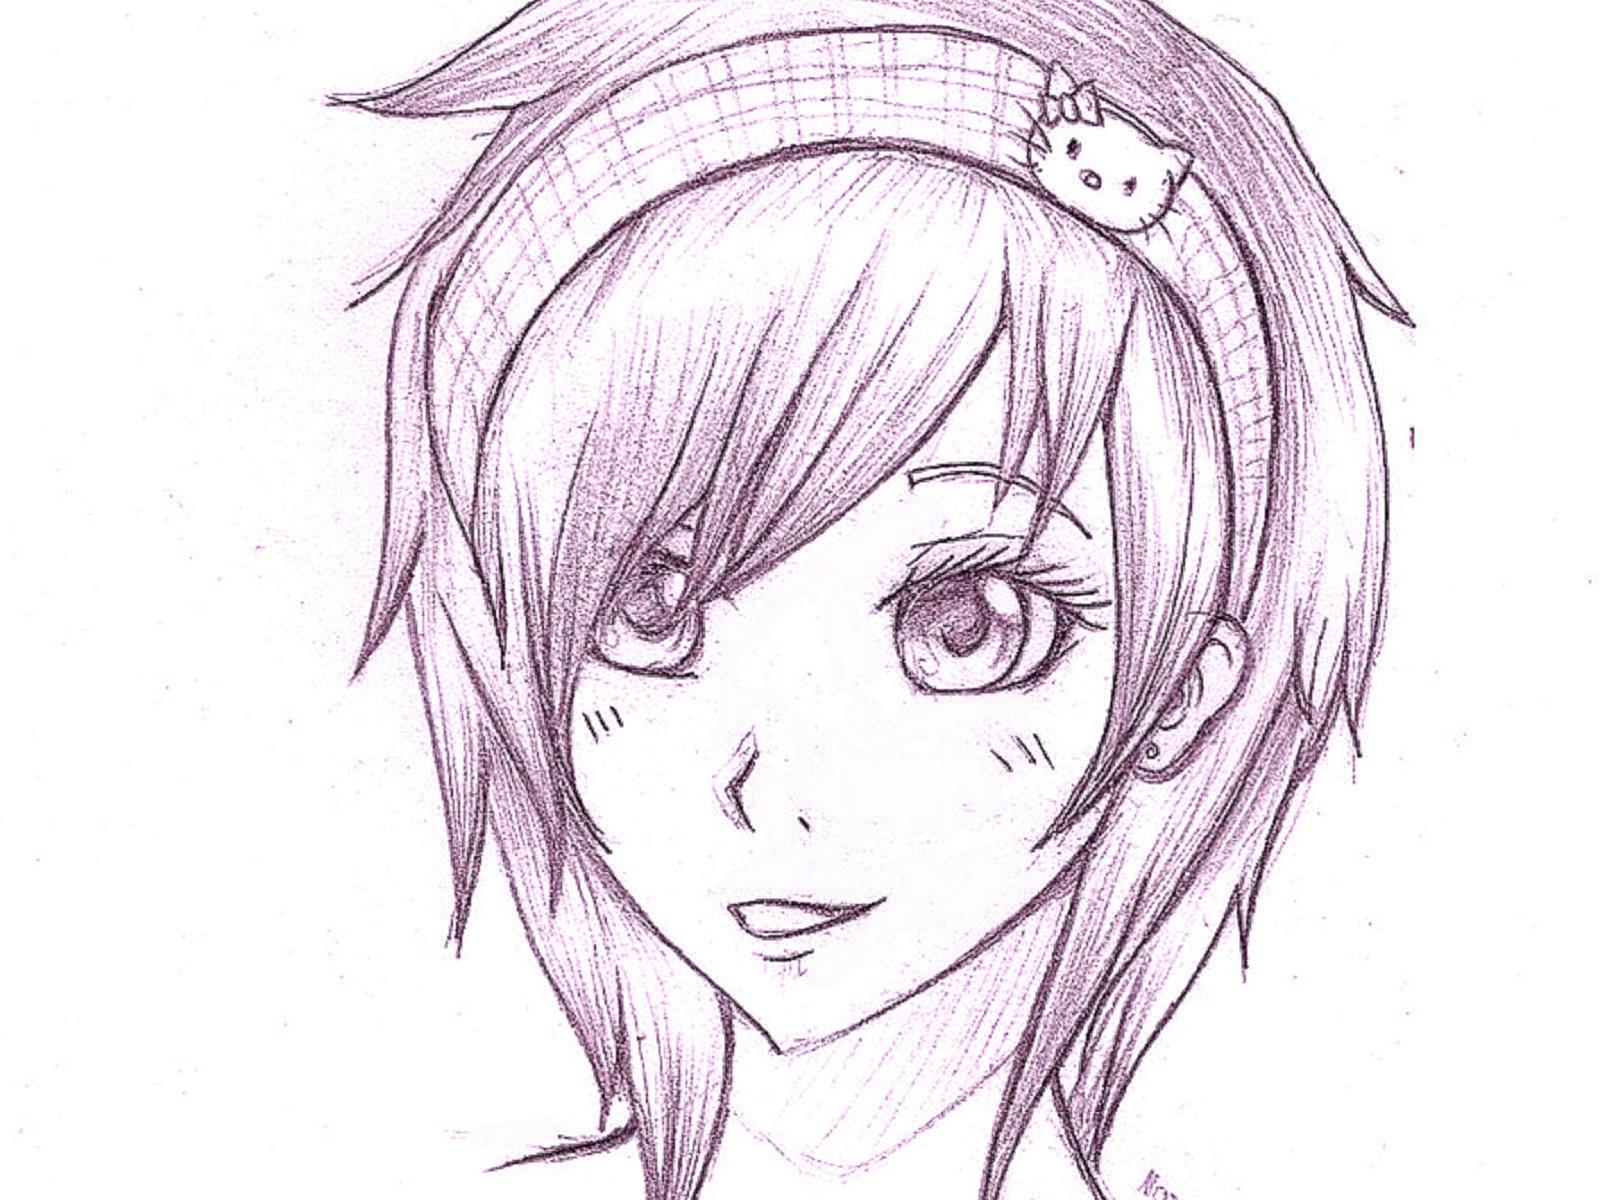 Срисовать, картинки для срисовки карандашом прикольные для девочек для начинающих